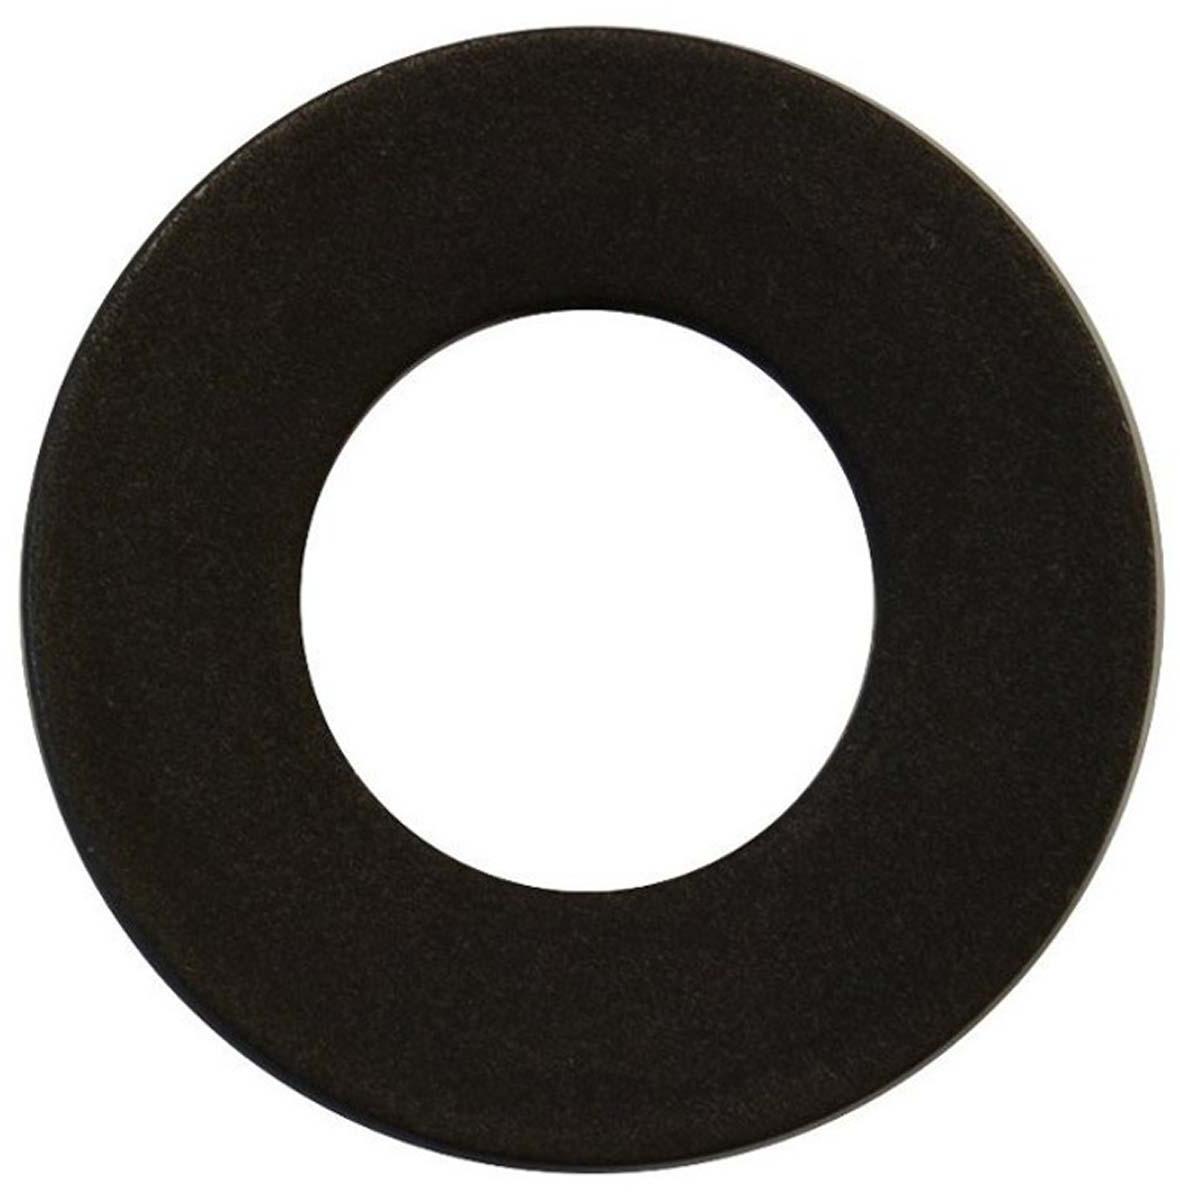 Прокладка резиновая для воды MasterProf, 1/2, 100 шт, MP-пакет прокладка силиконовая masterprof 1 2 100 шт mp пакет